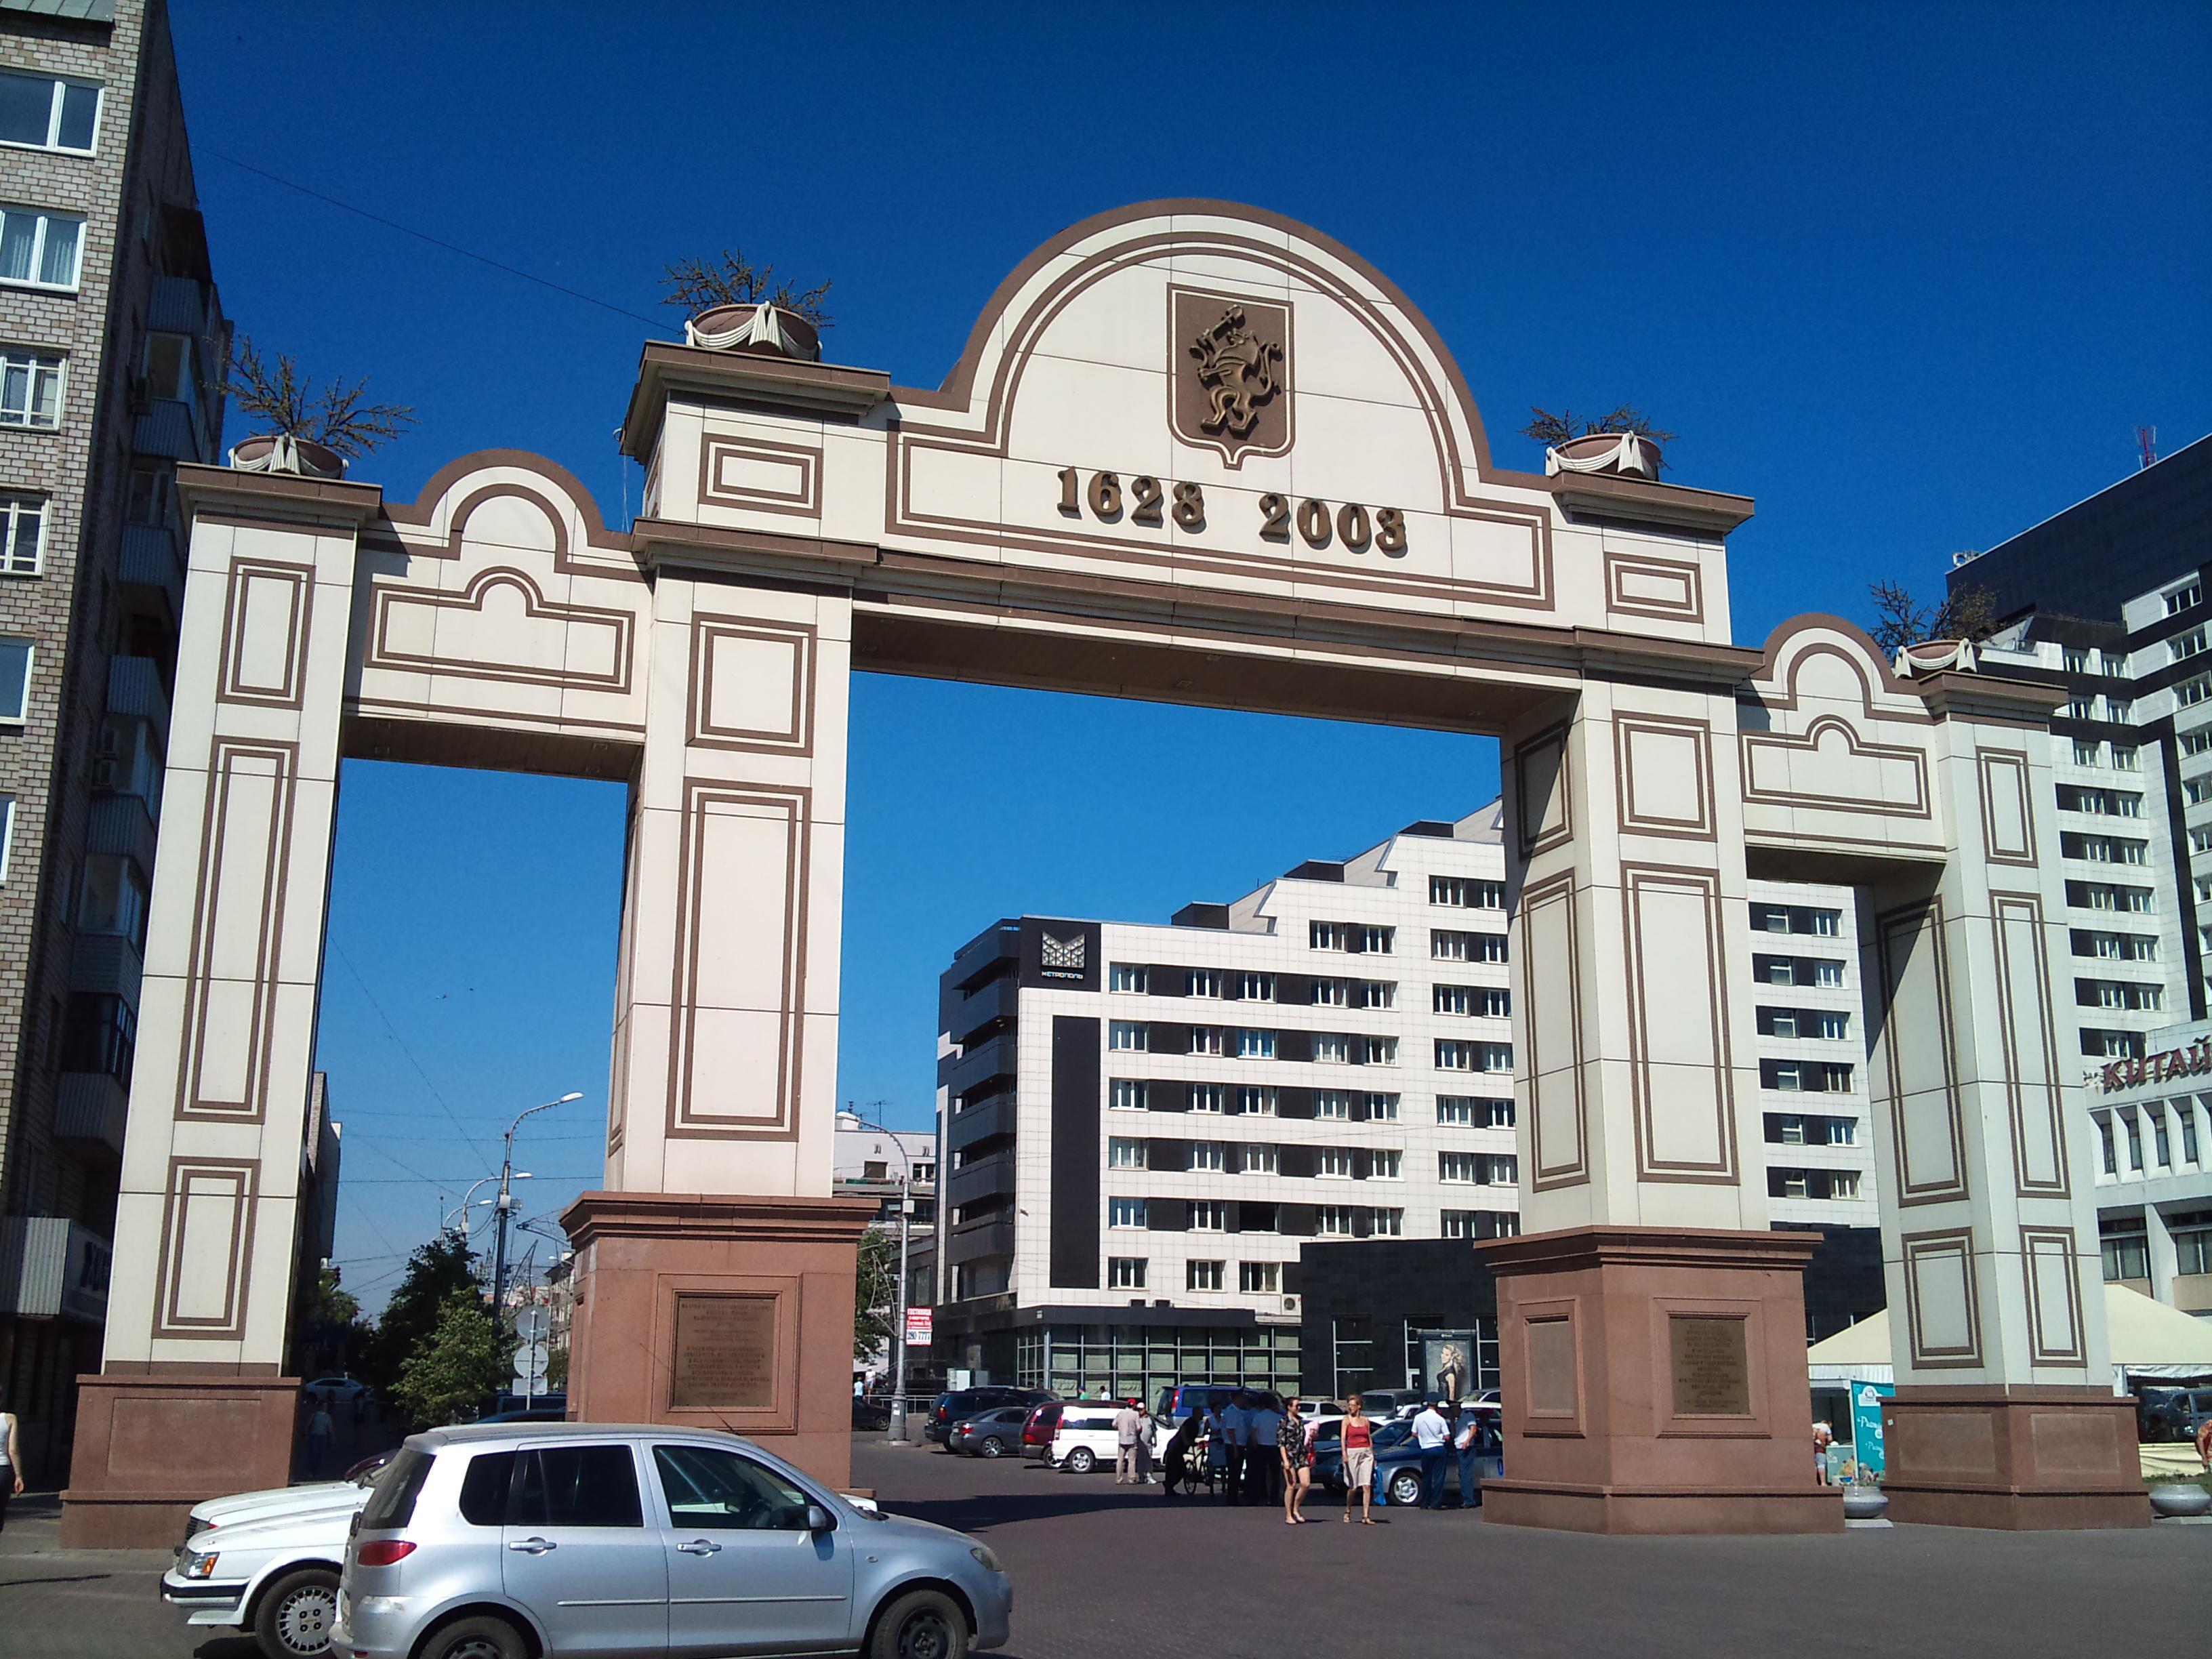 Красноярск городская Арка на стрелке. 12.06.2012 года